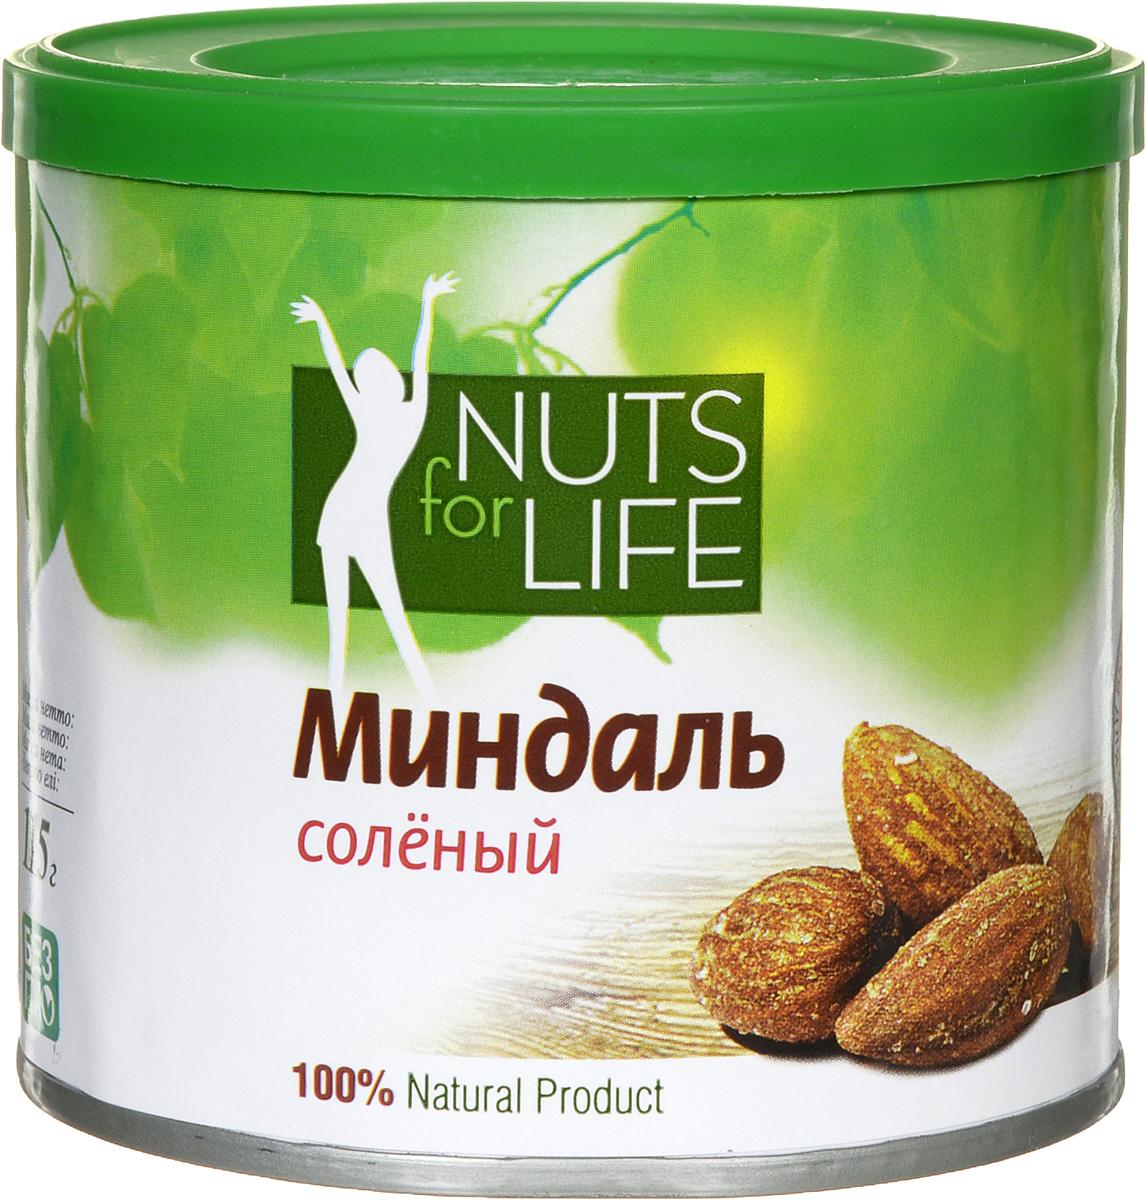 Nuts for Life Миндаль обжаренный соленый, 115 г U920944